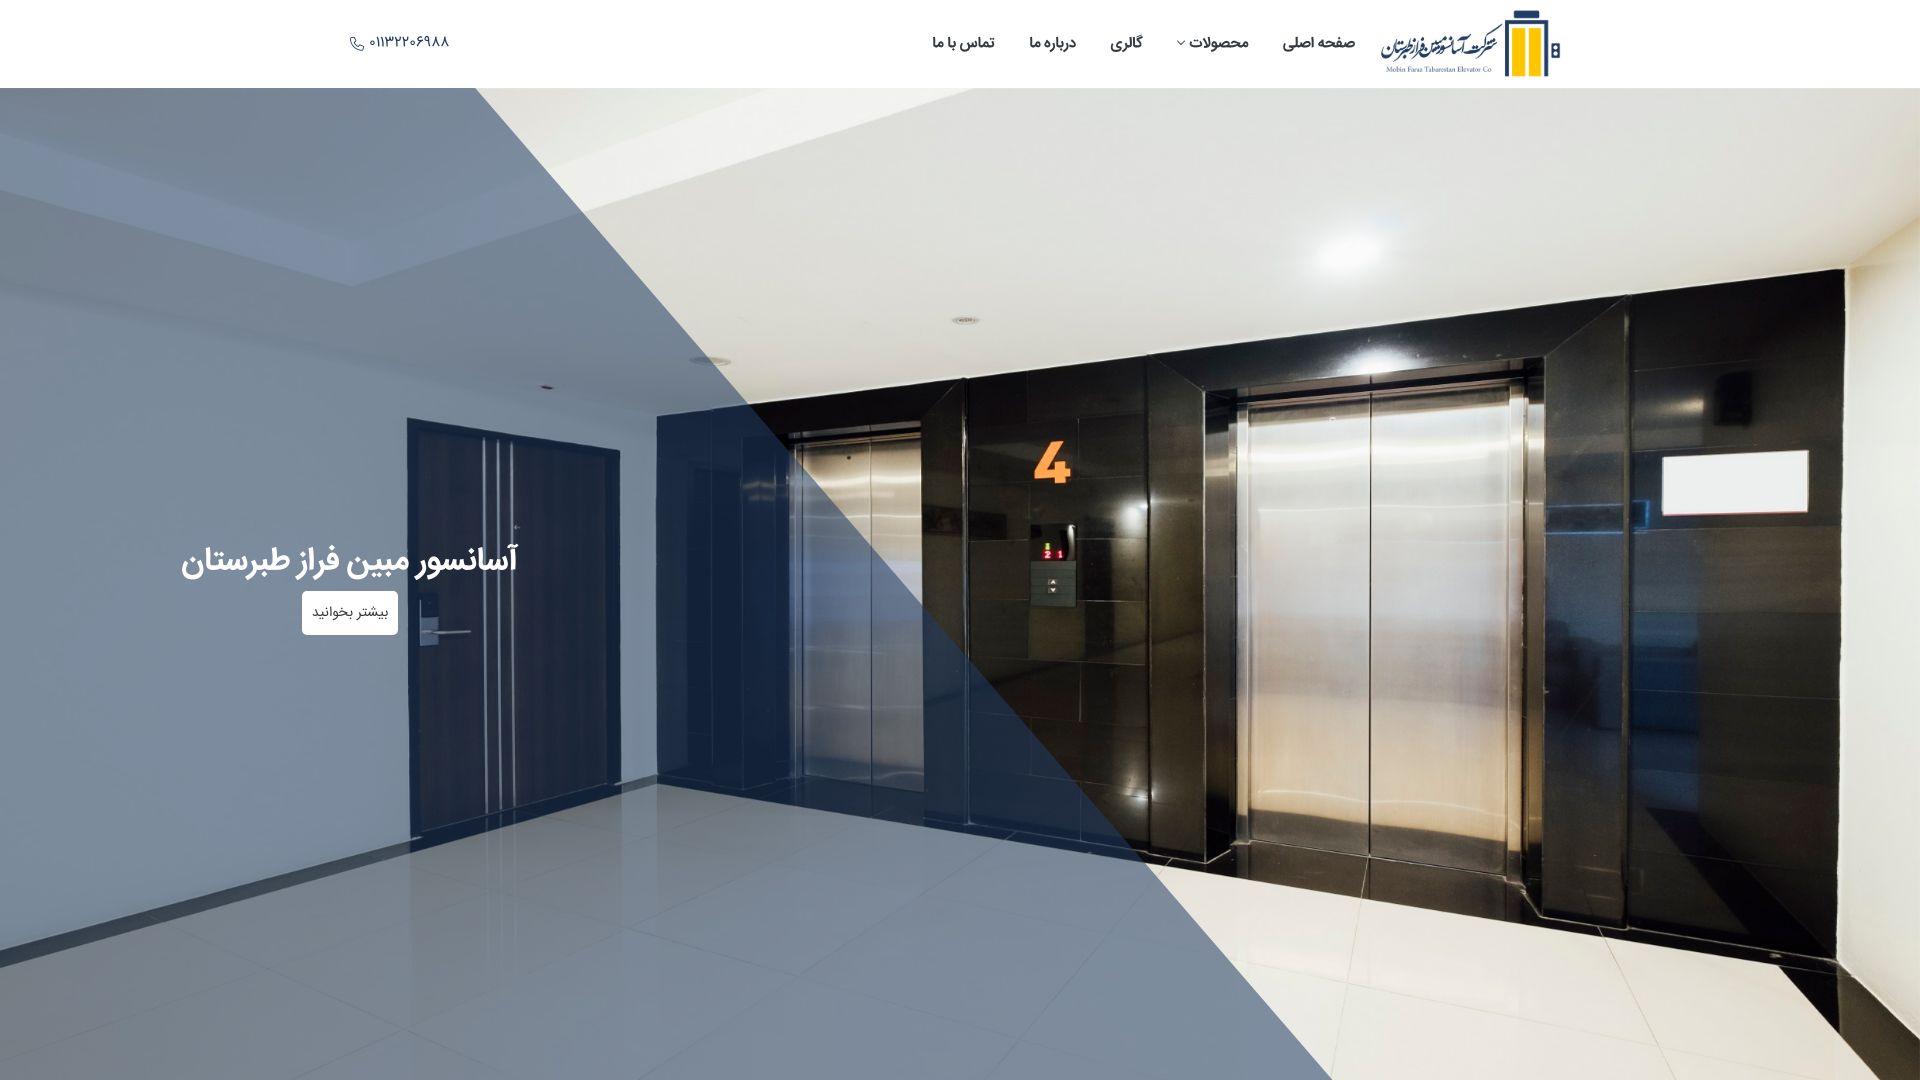 طراحی سايت شرکت آسانسور مبین فراز طبرستان